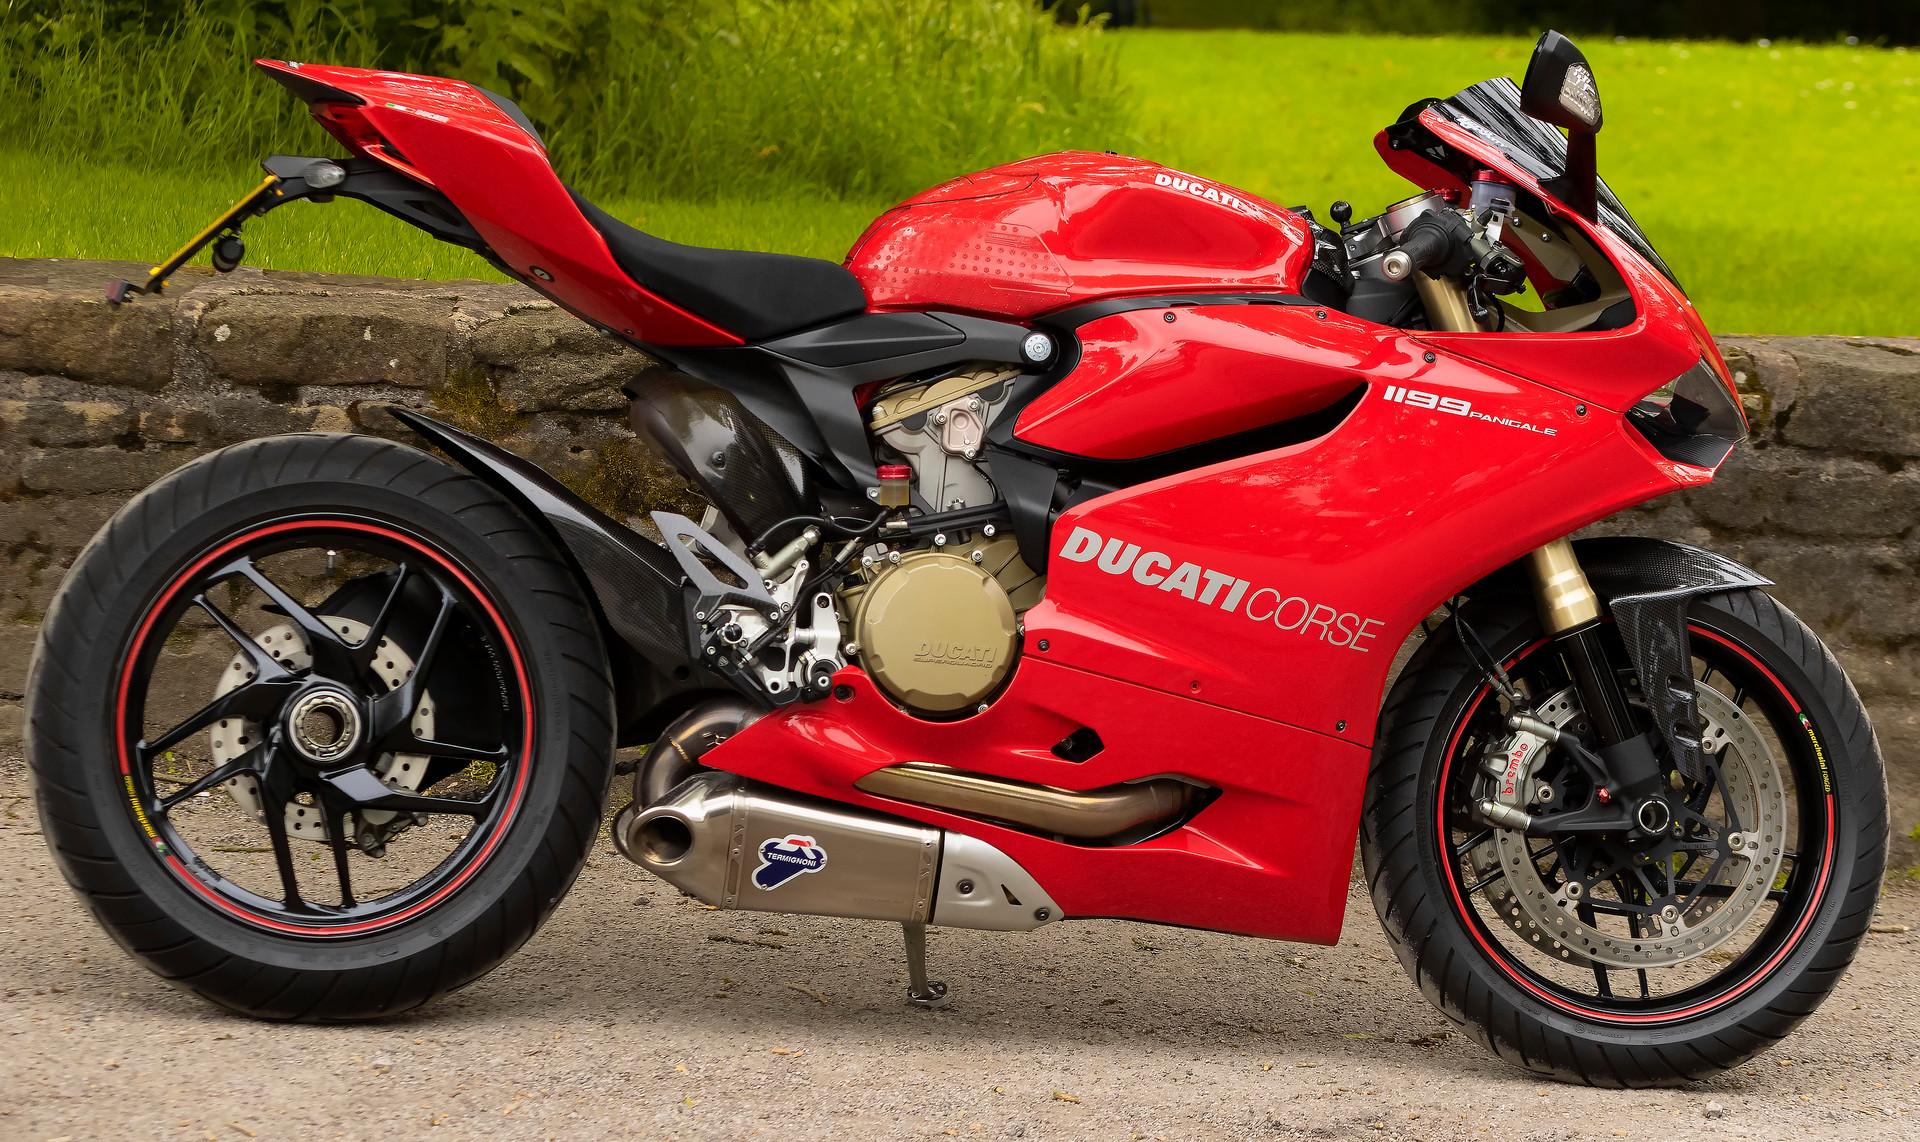 Ducati1199.jpg